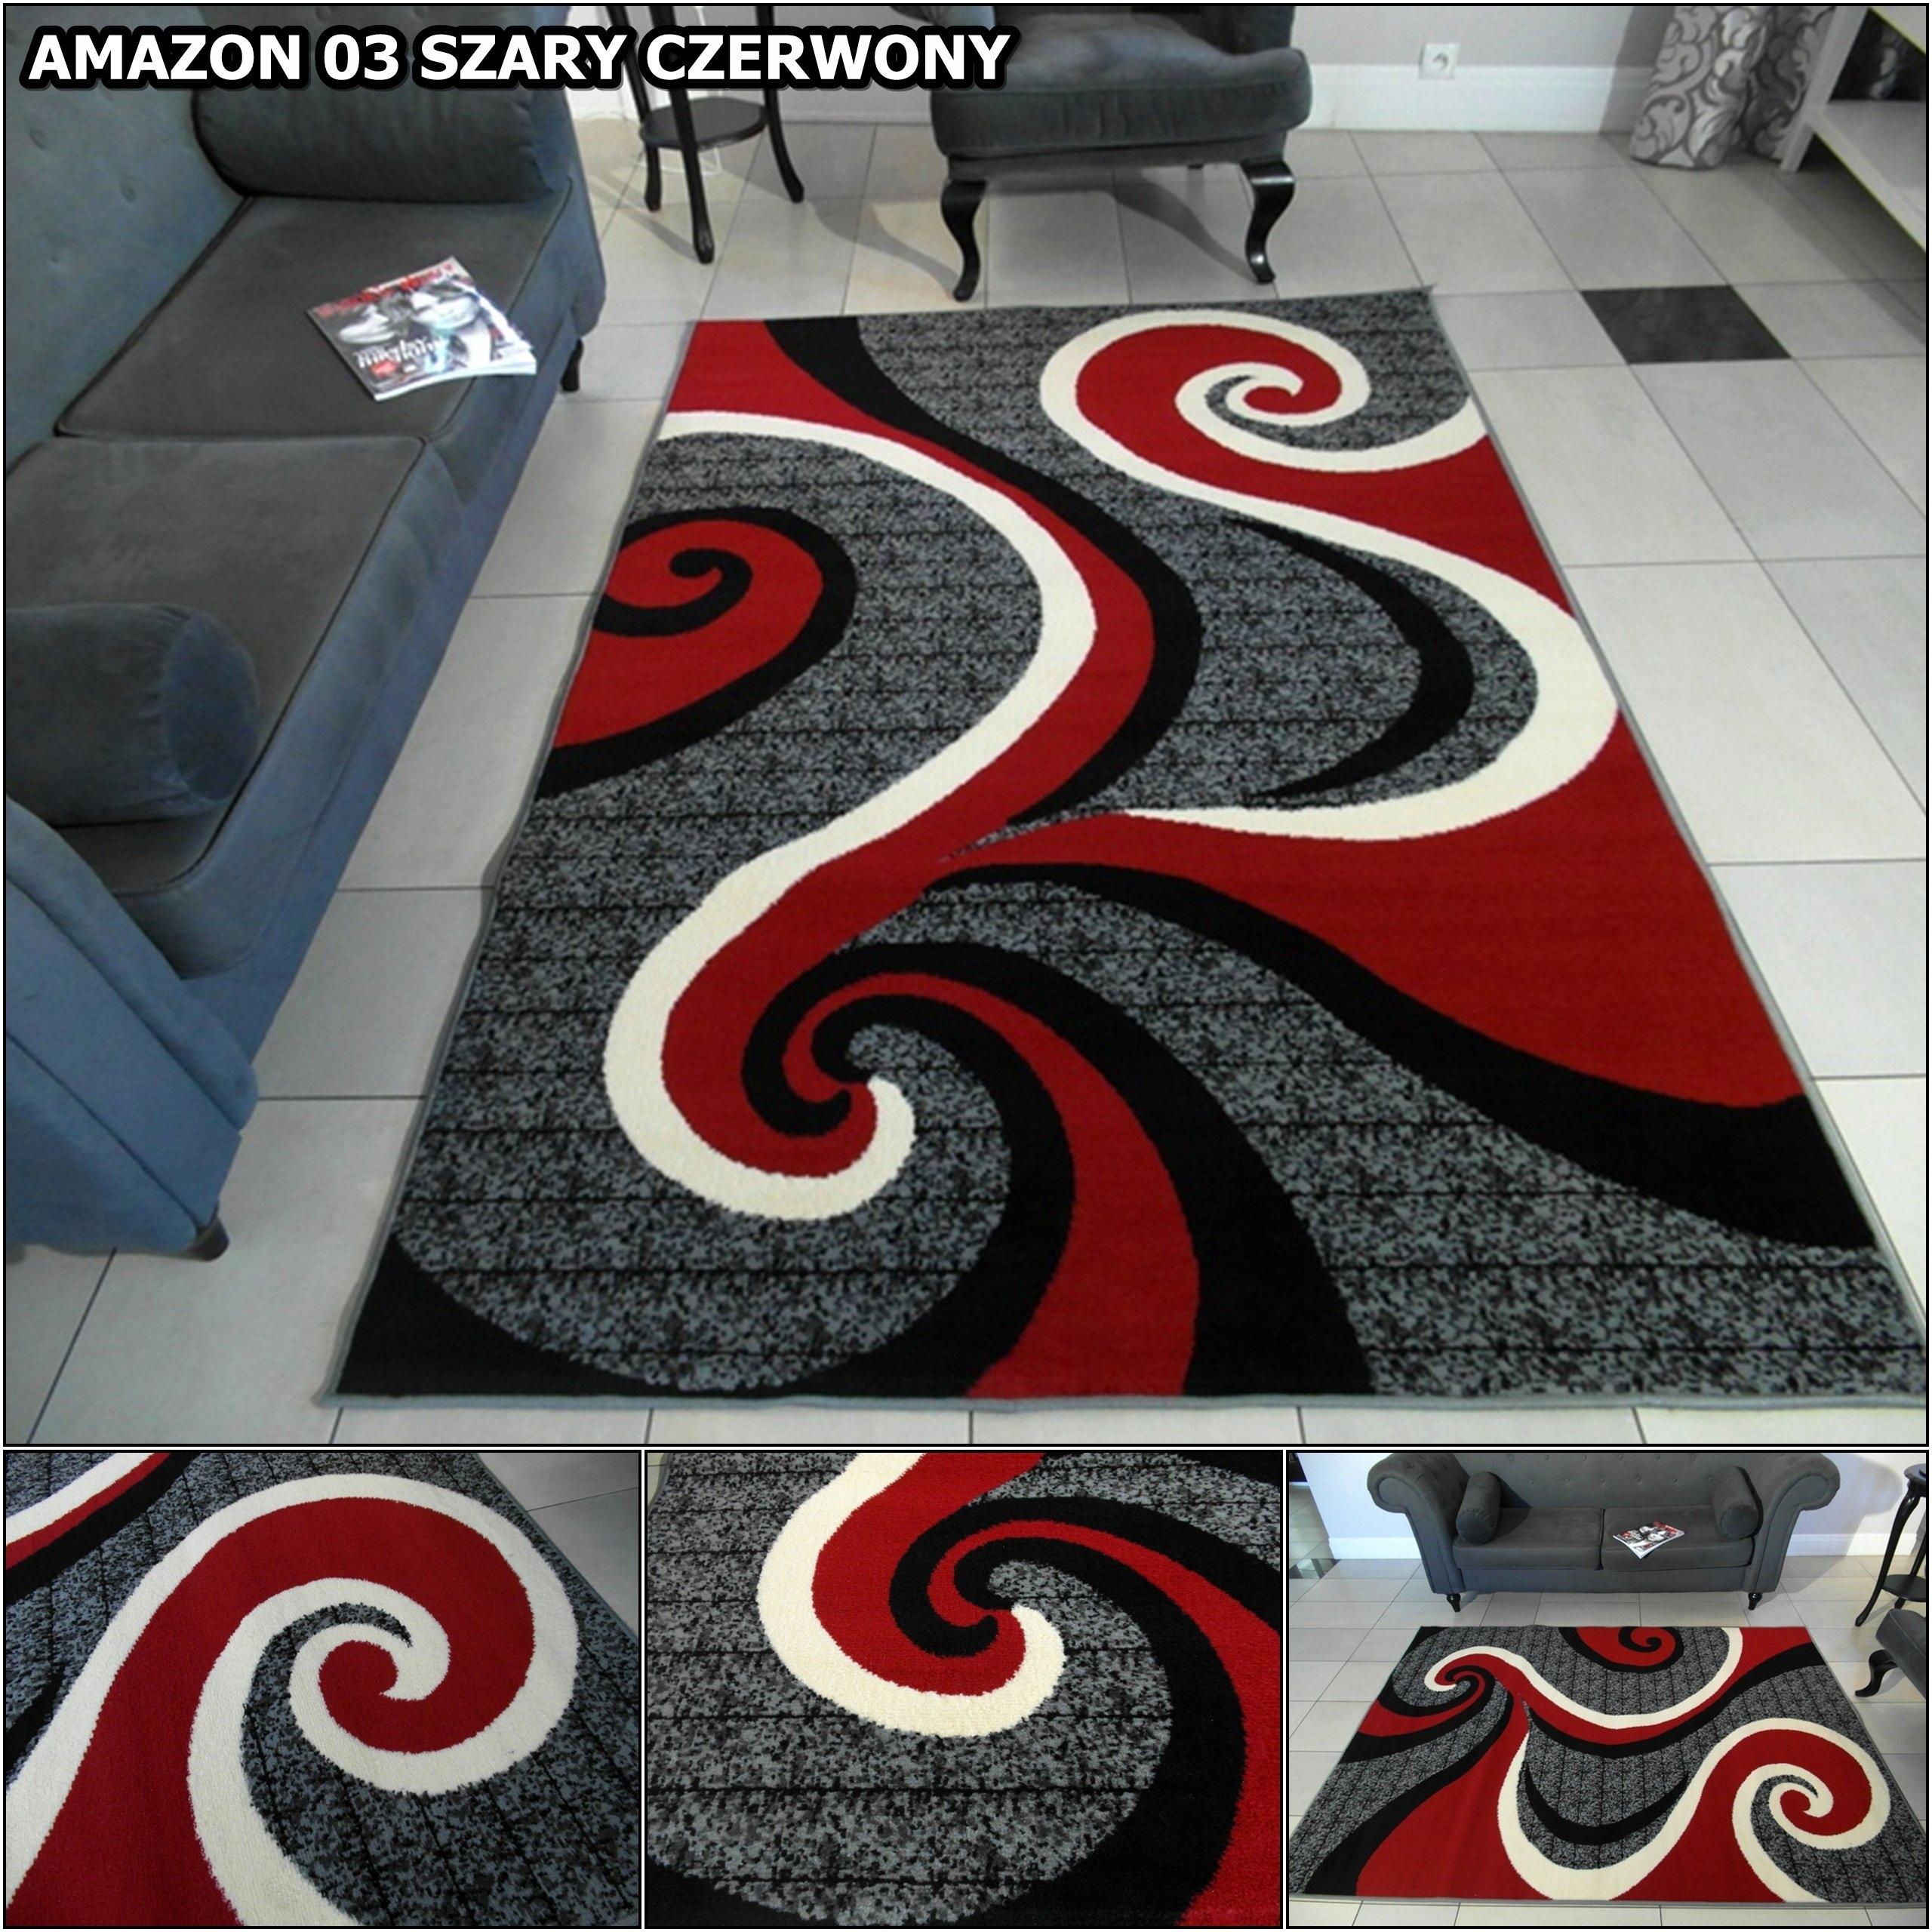 Dywany Bcf Amazon 200x300 Szare Fioletowe Czerwone